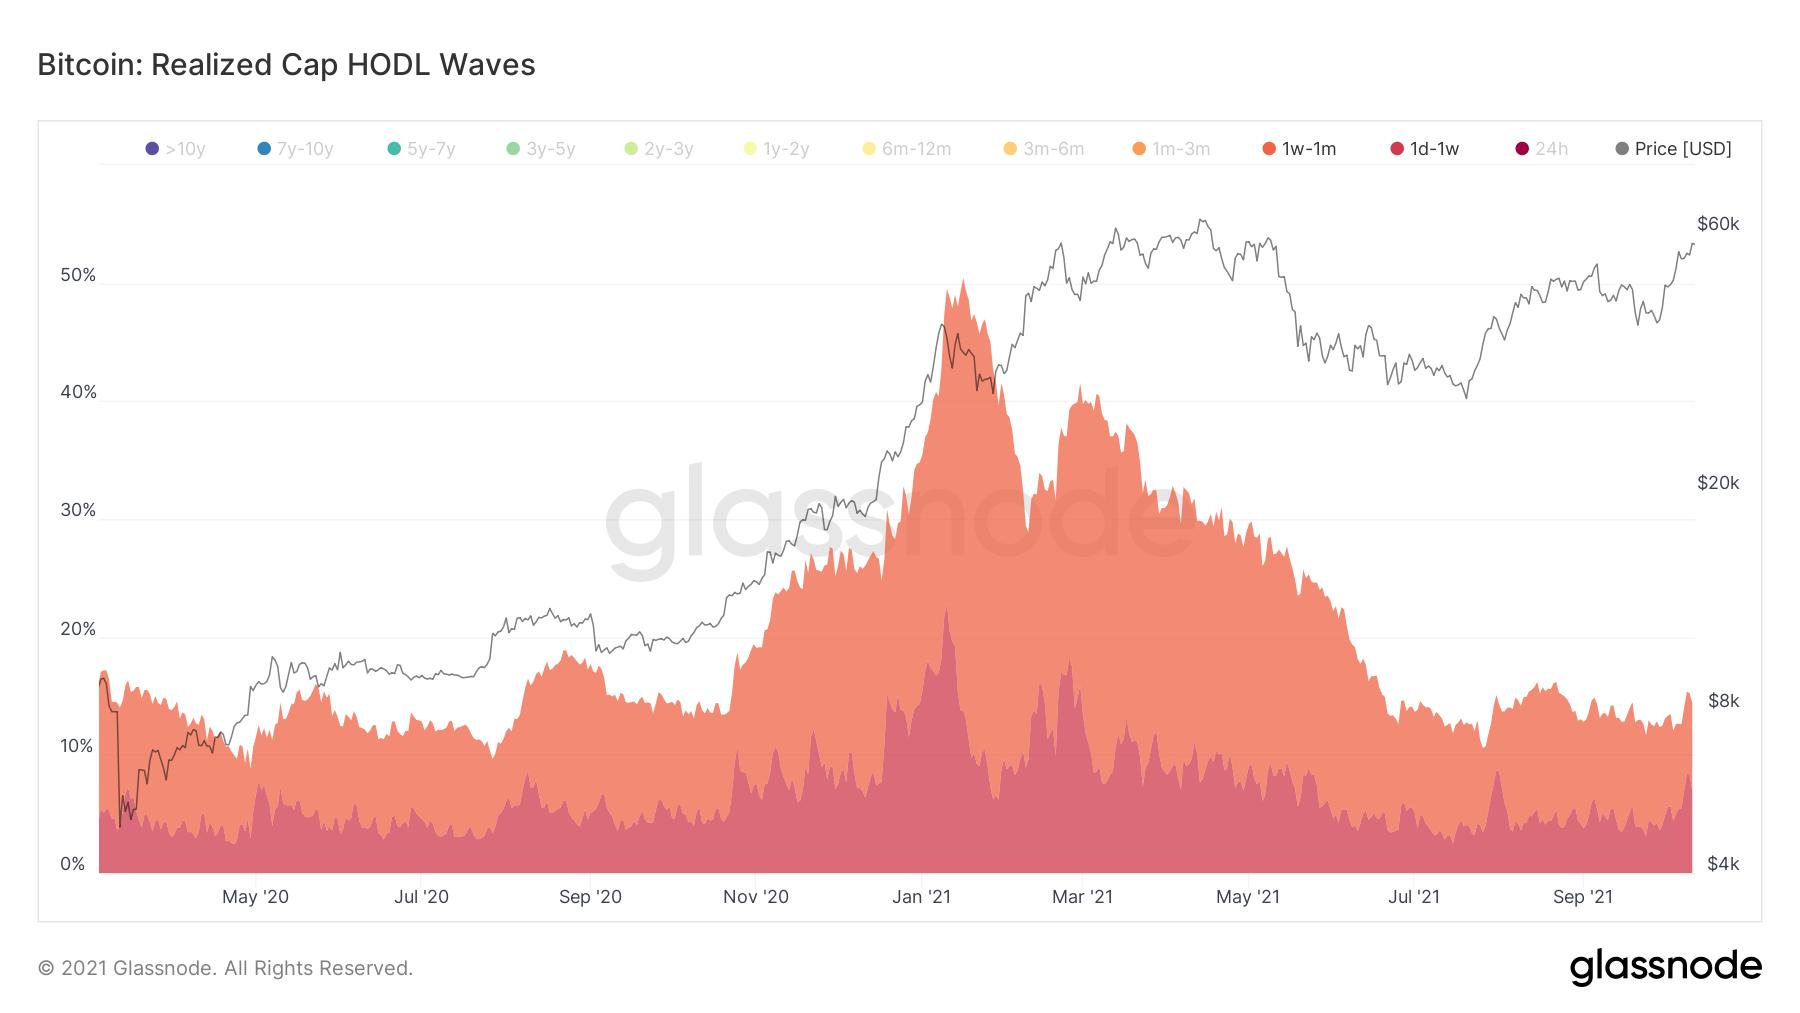 Short-term wave